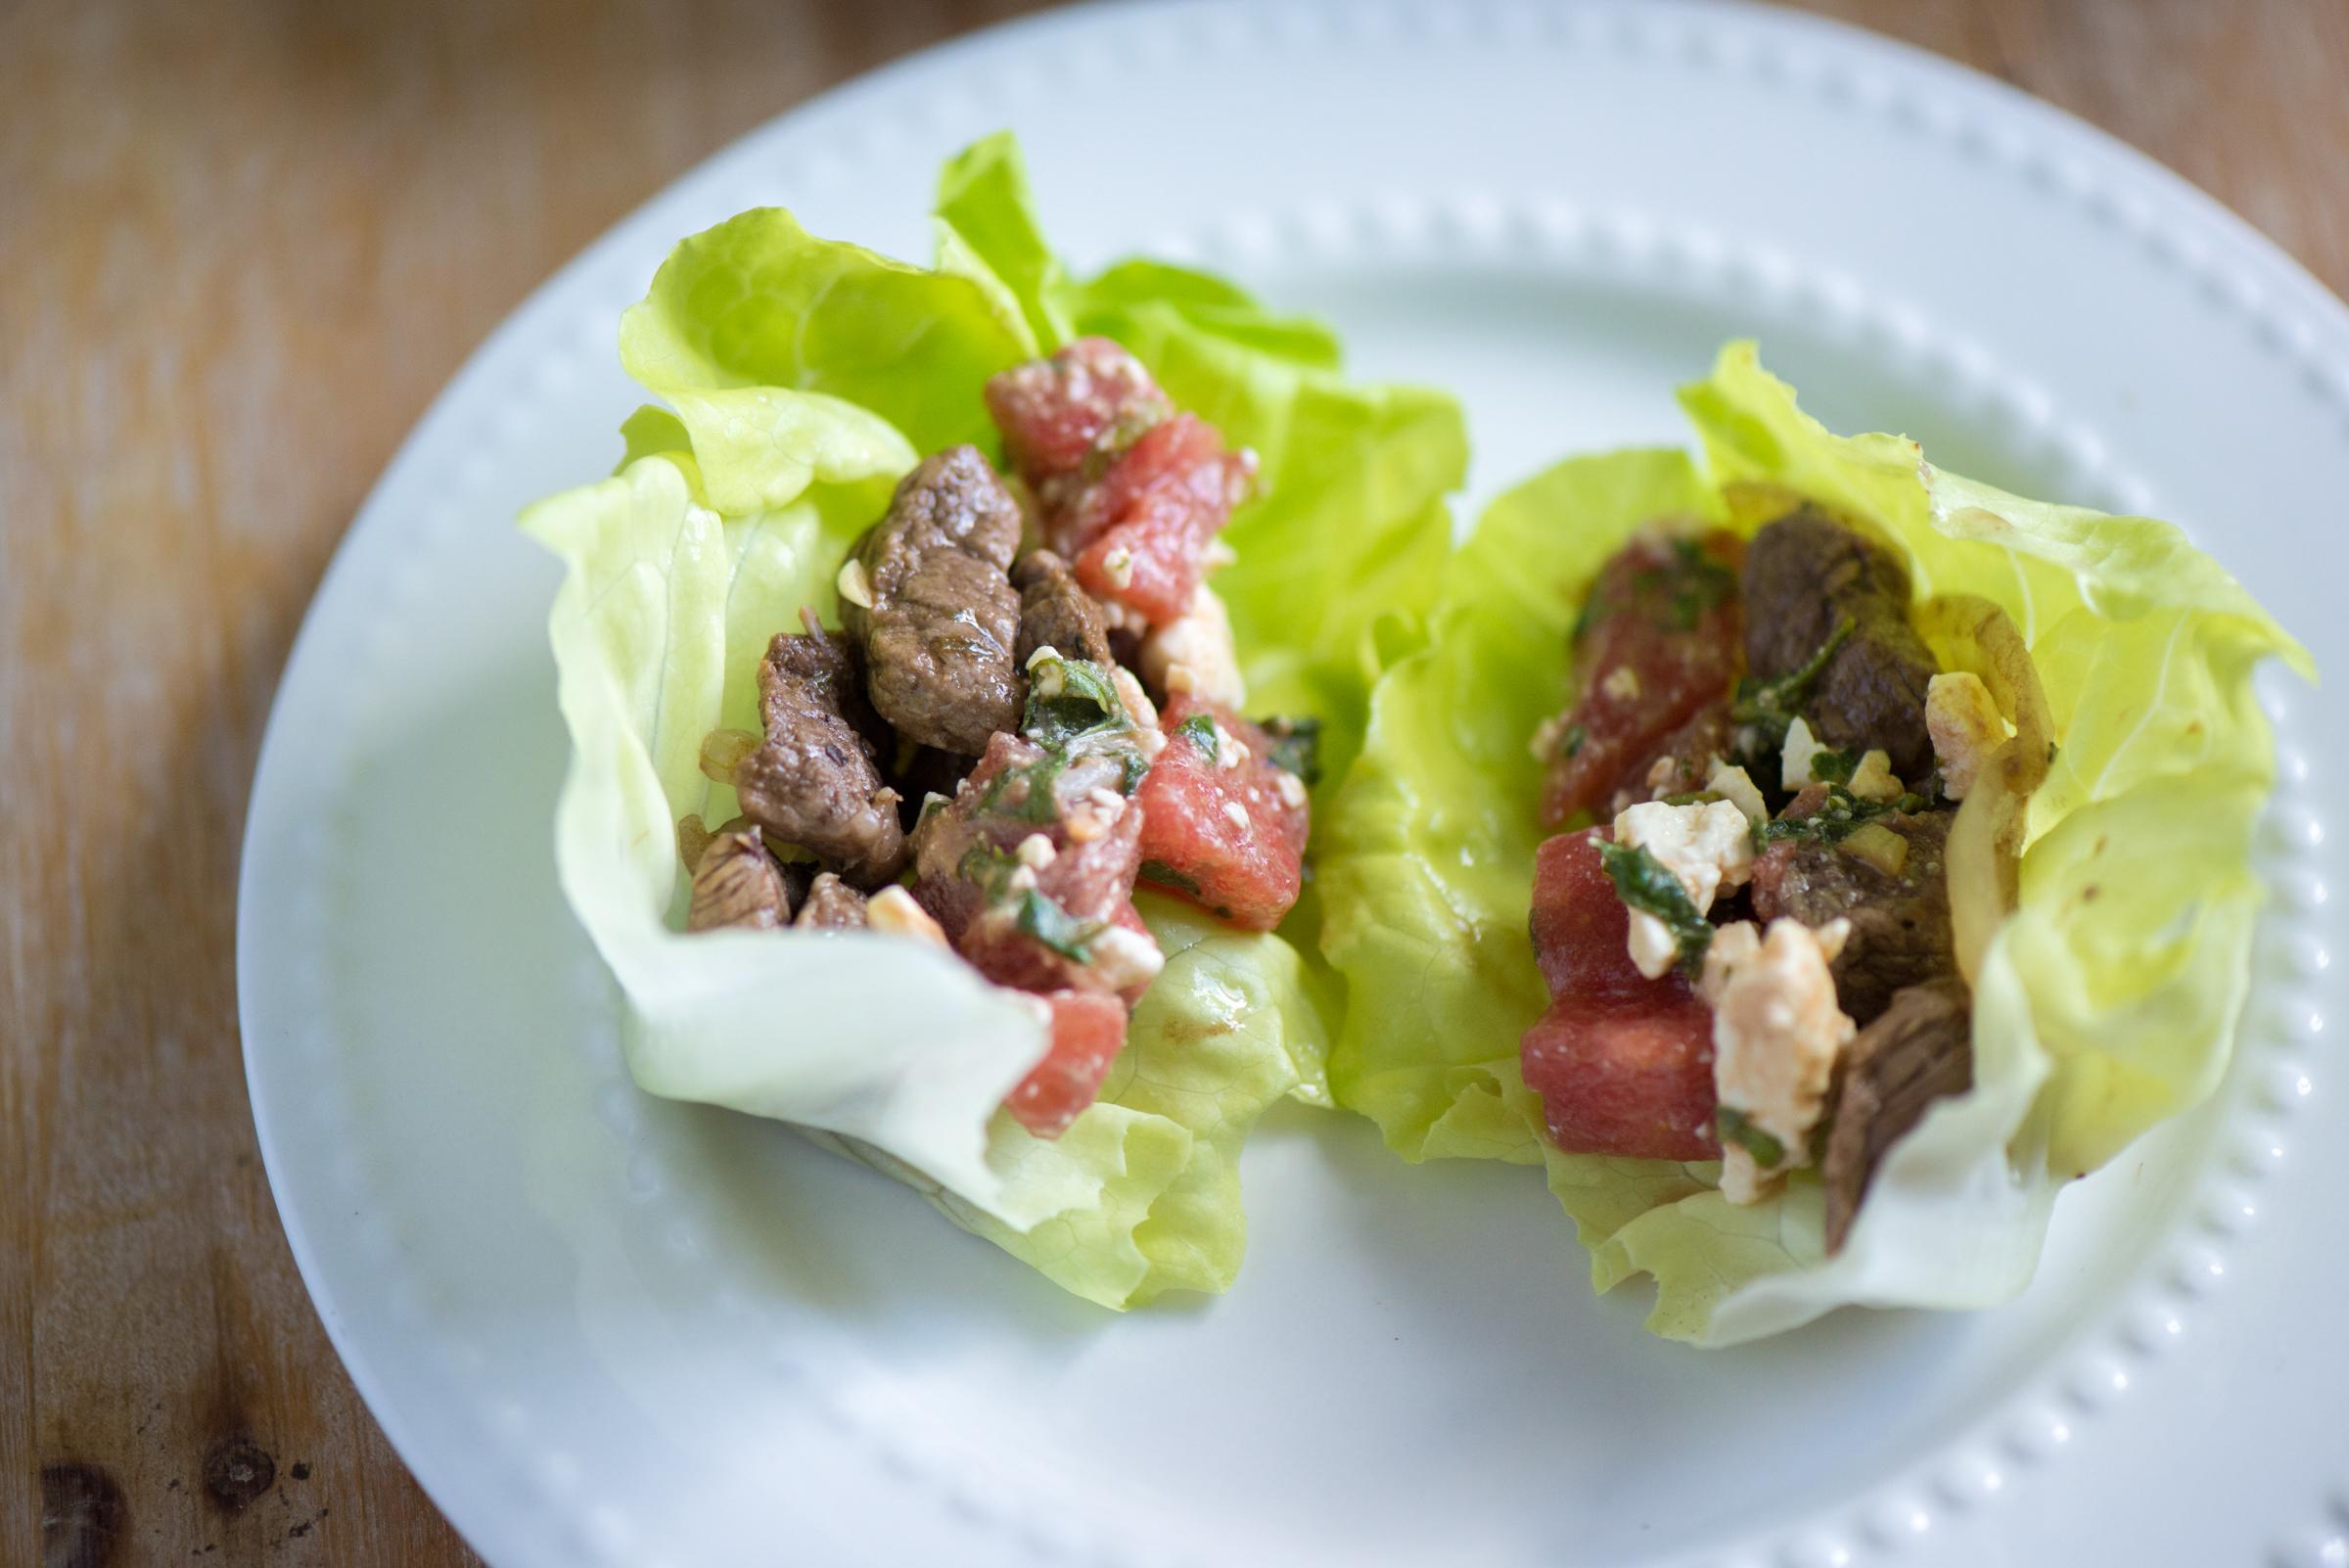 Steak + Watermelon Lettuce Wraps